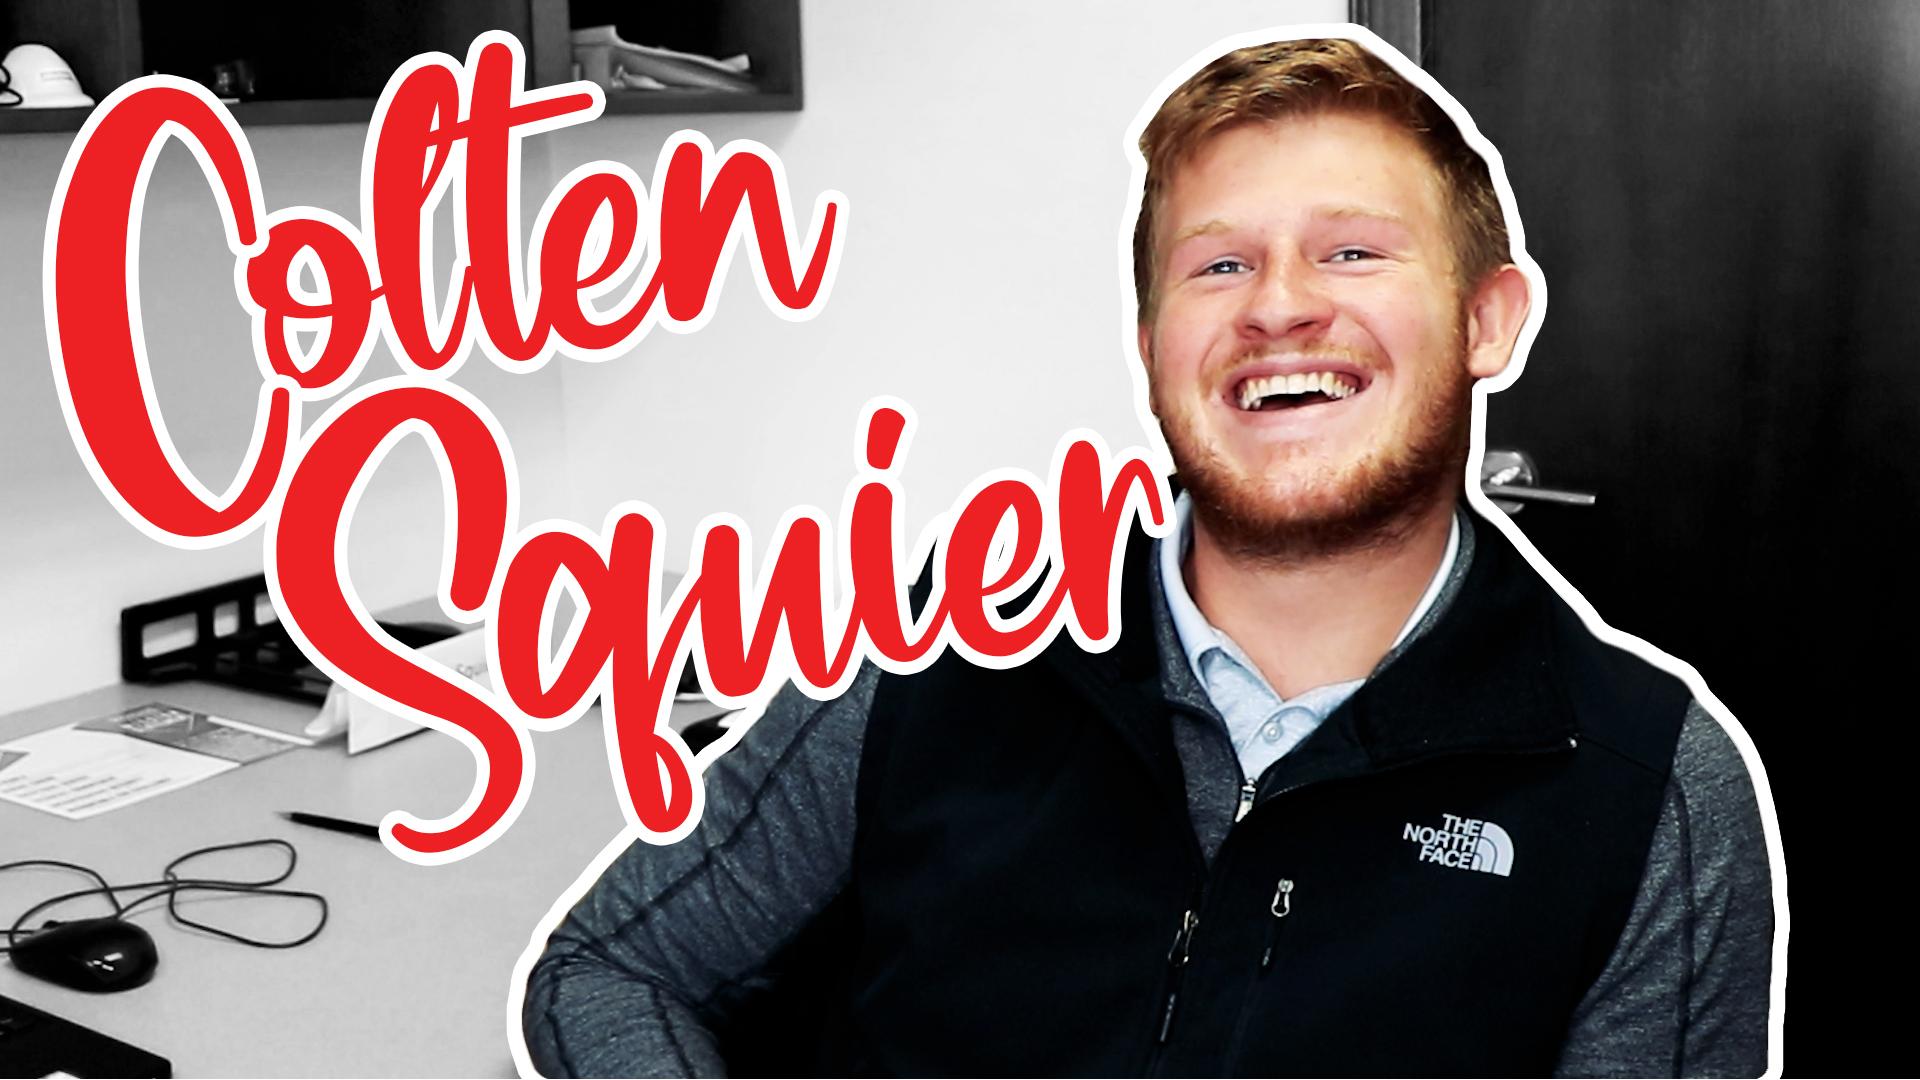 Neumann Intern Recap: Colten Squier